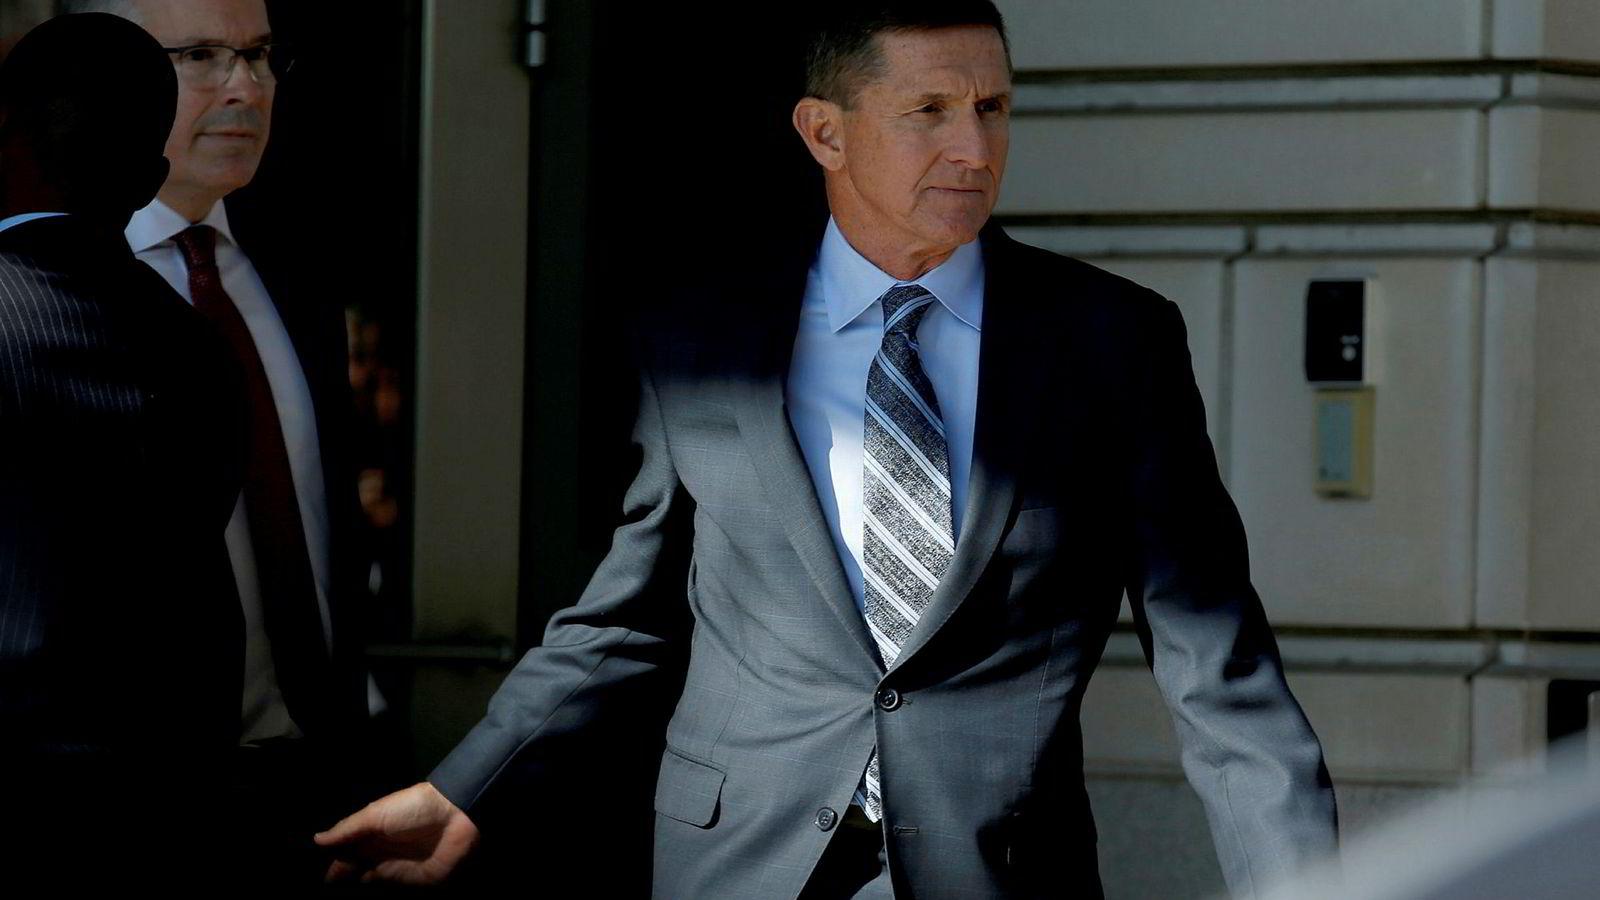 USAs tidligere nasjonale sikkerhetsrådgiver Michael Flynn på vei ut av en rettsbygning i Washington D.C. fredag.